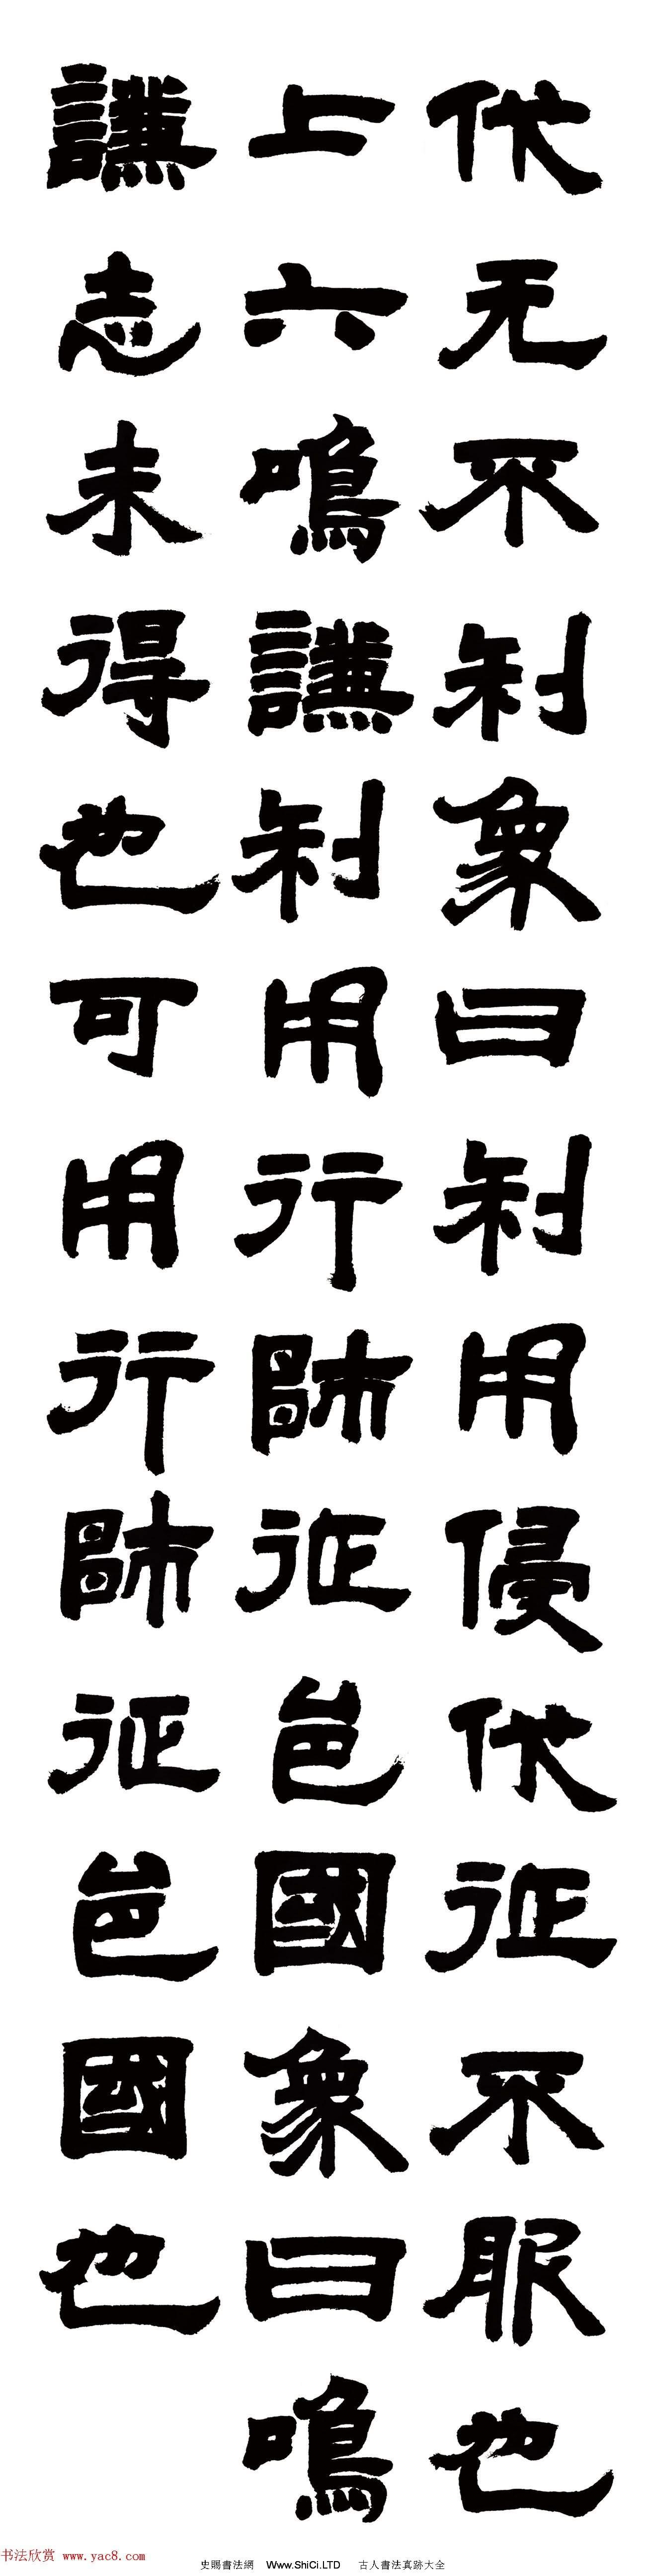 清代鄧石如隸書六條屏《周易謙卦》